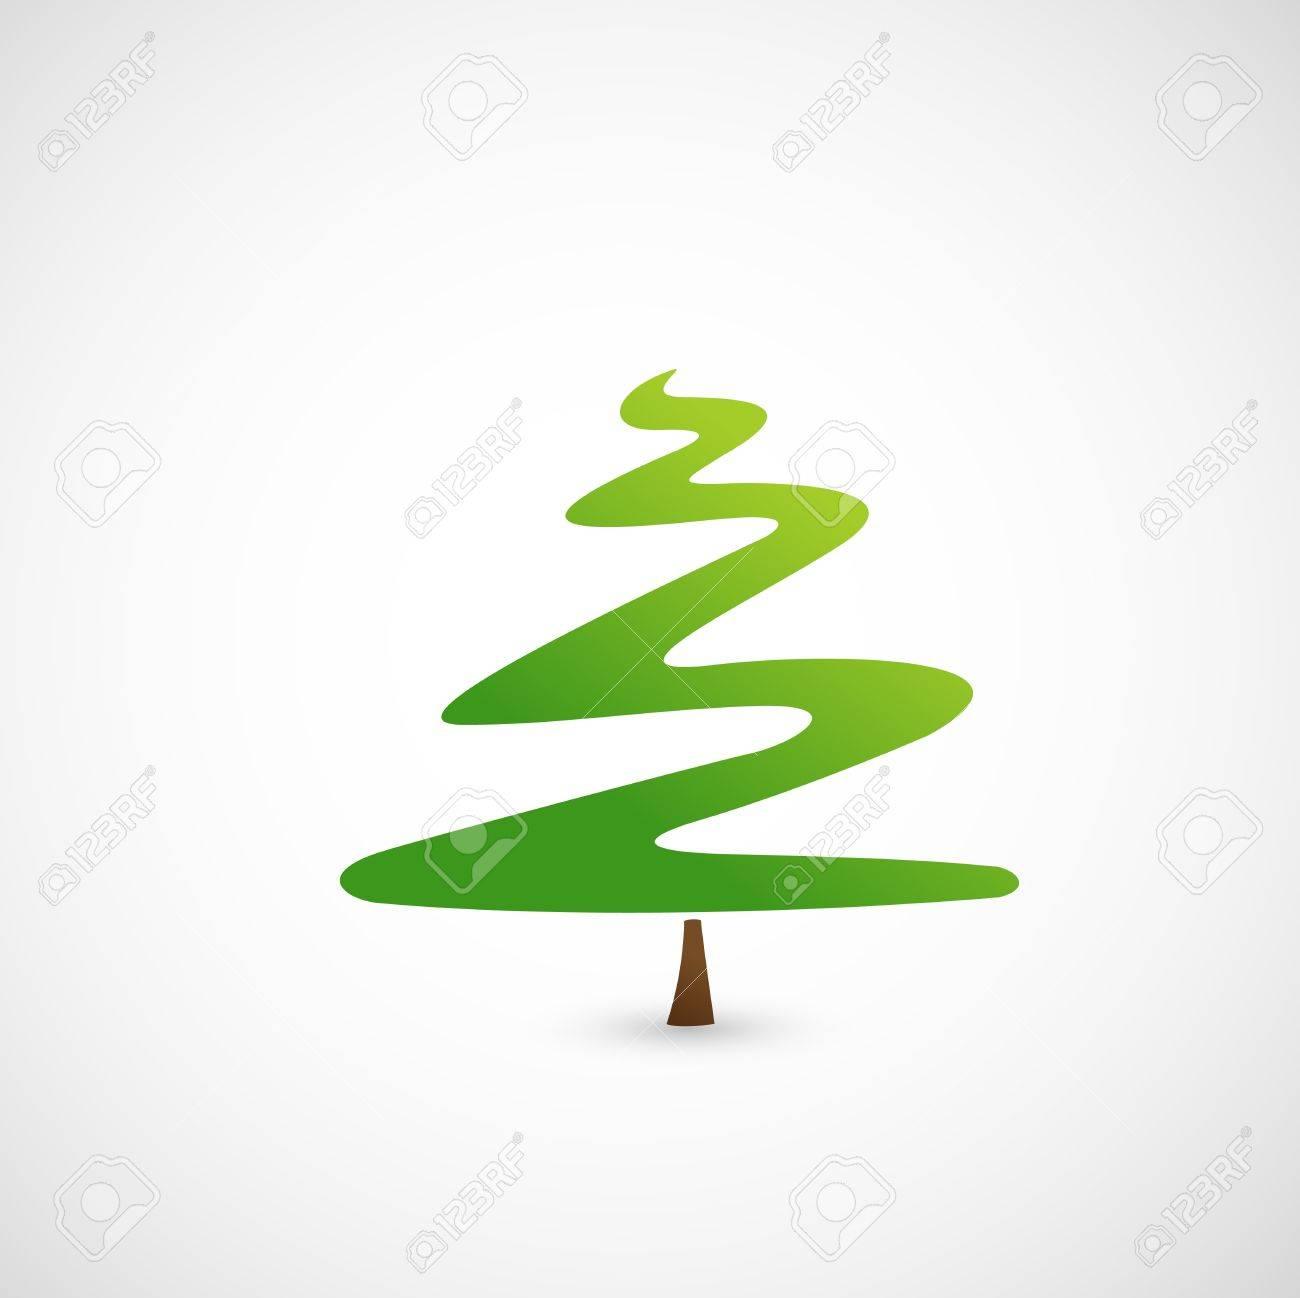 Pine tree icon Stock Vector - 18870704